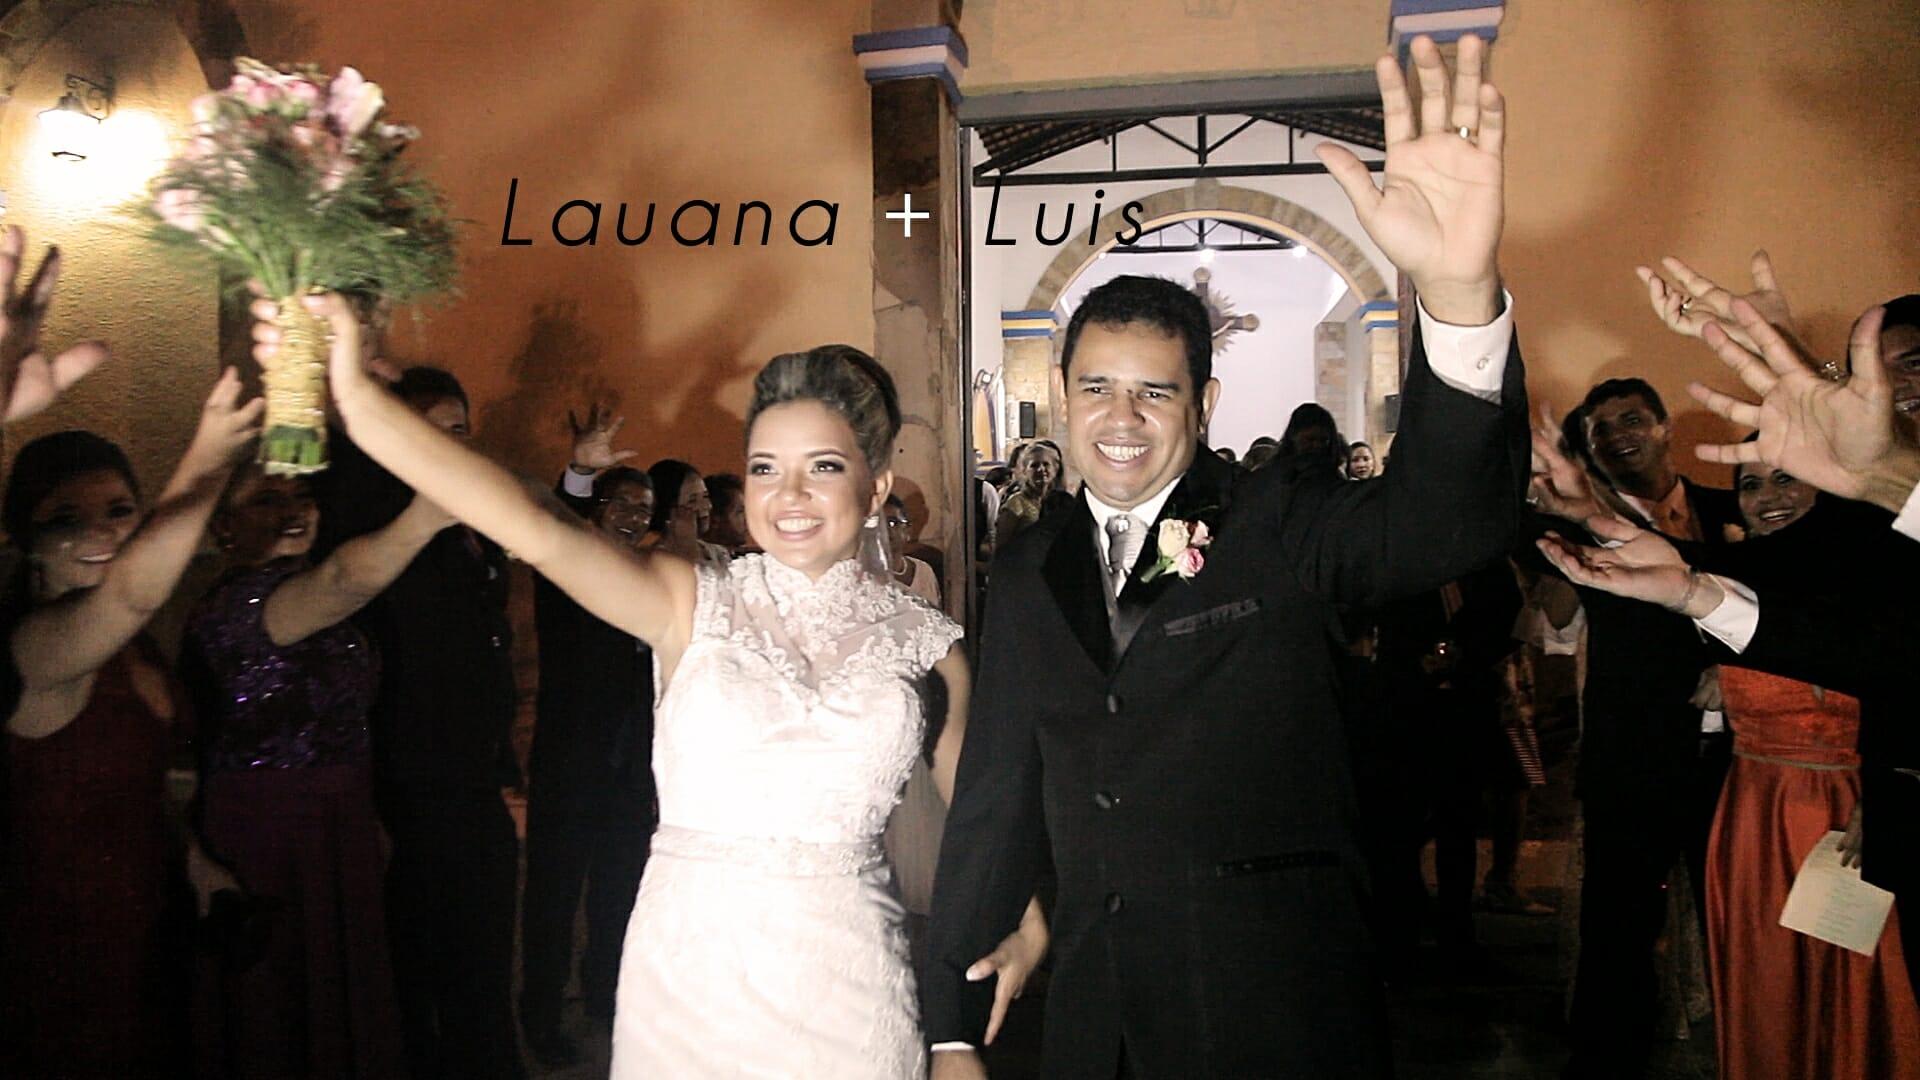 Lauana + Luis